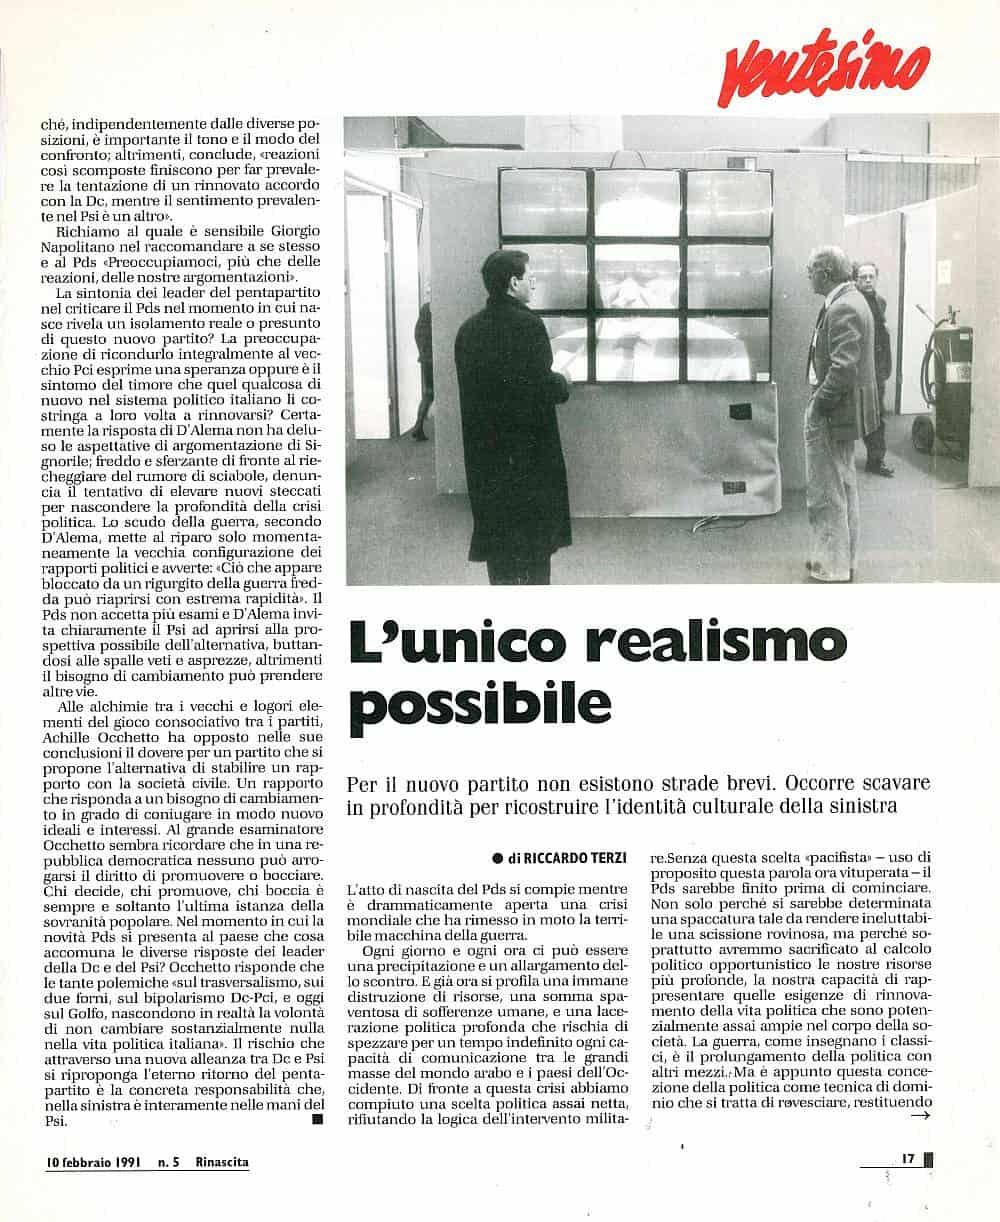 H75 - L'unico realismo possibile